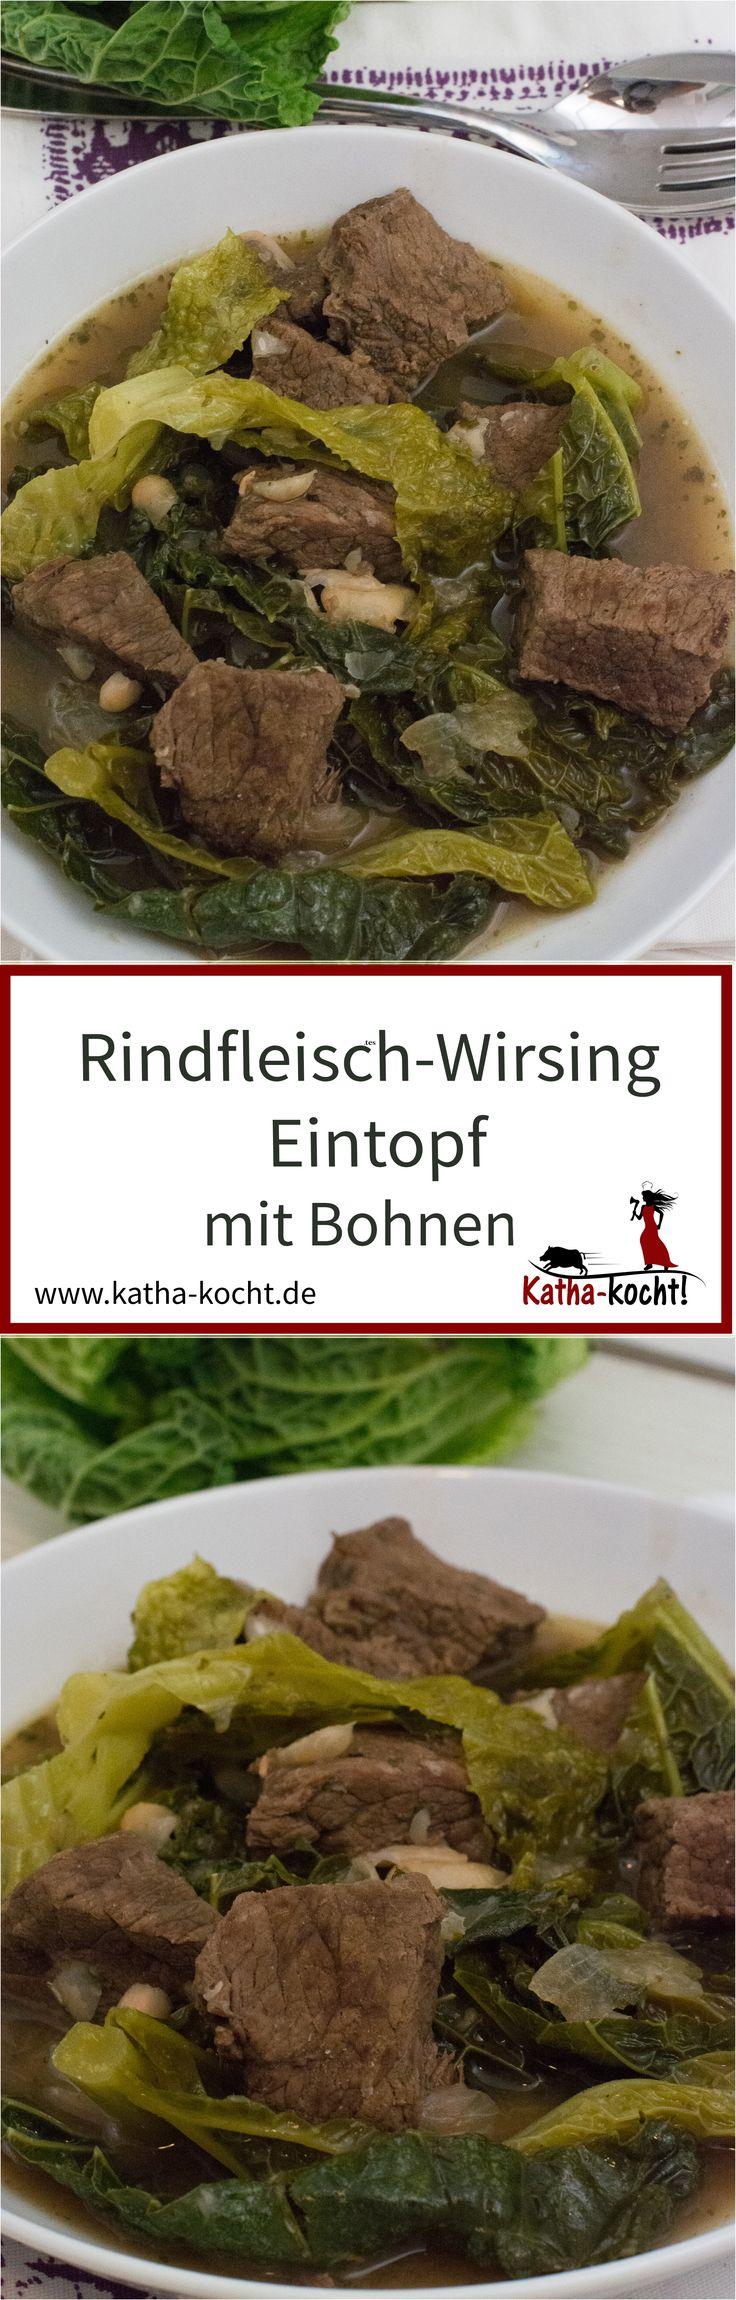 Rindfleisch-Wirsing Eintopf mit Bohnen - katha-kocht!